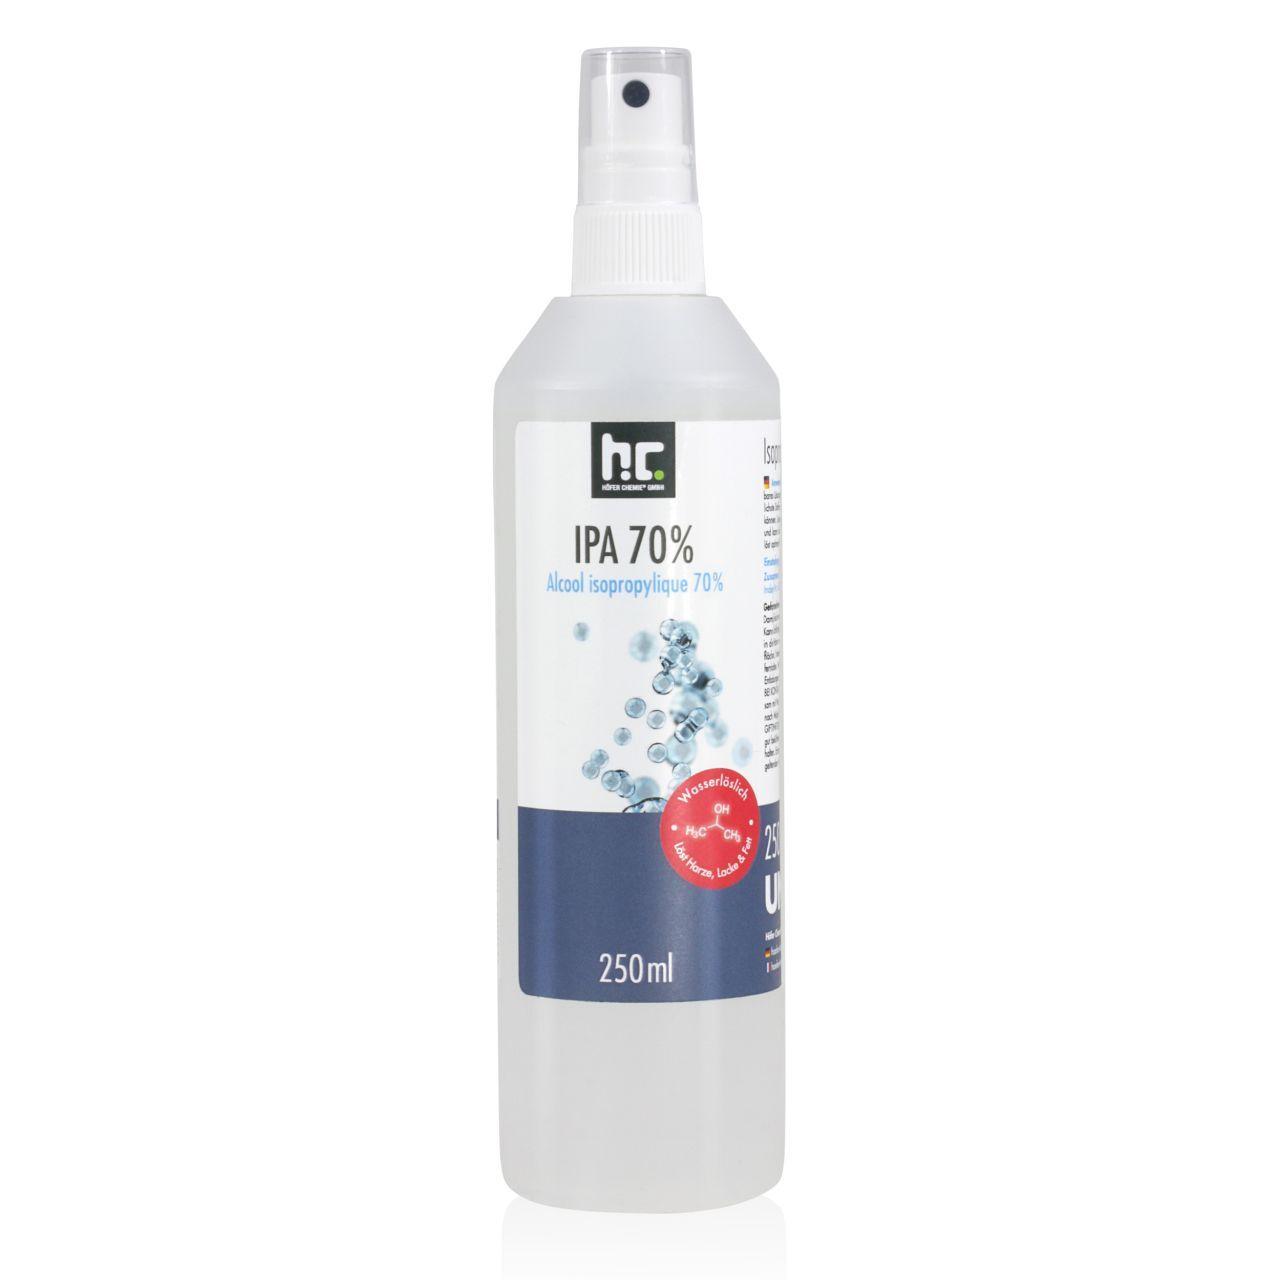 Höfer Chemie 6 l alcool isopropylique 70% en flacon vaporisateur (24 x 250 ml)